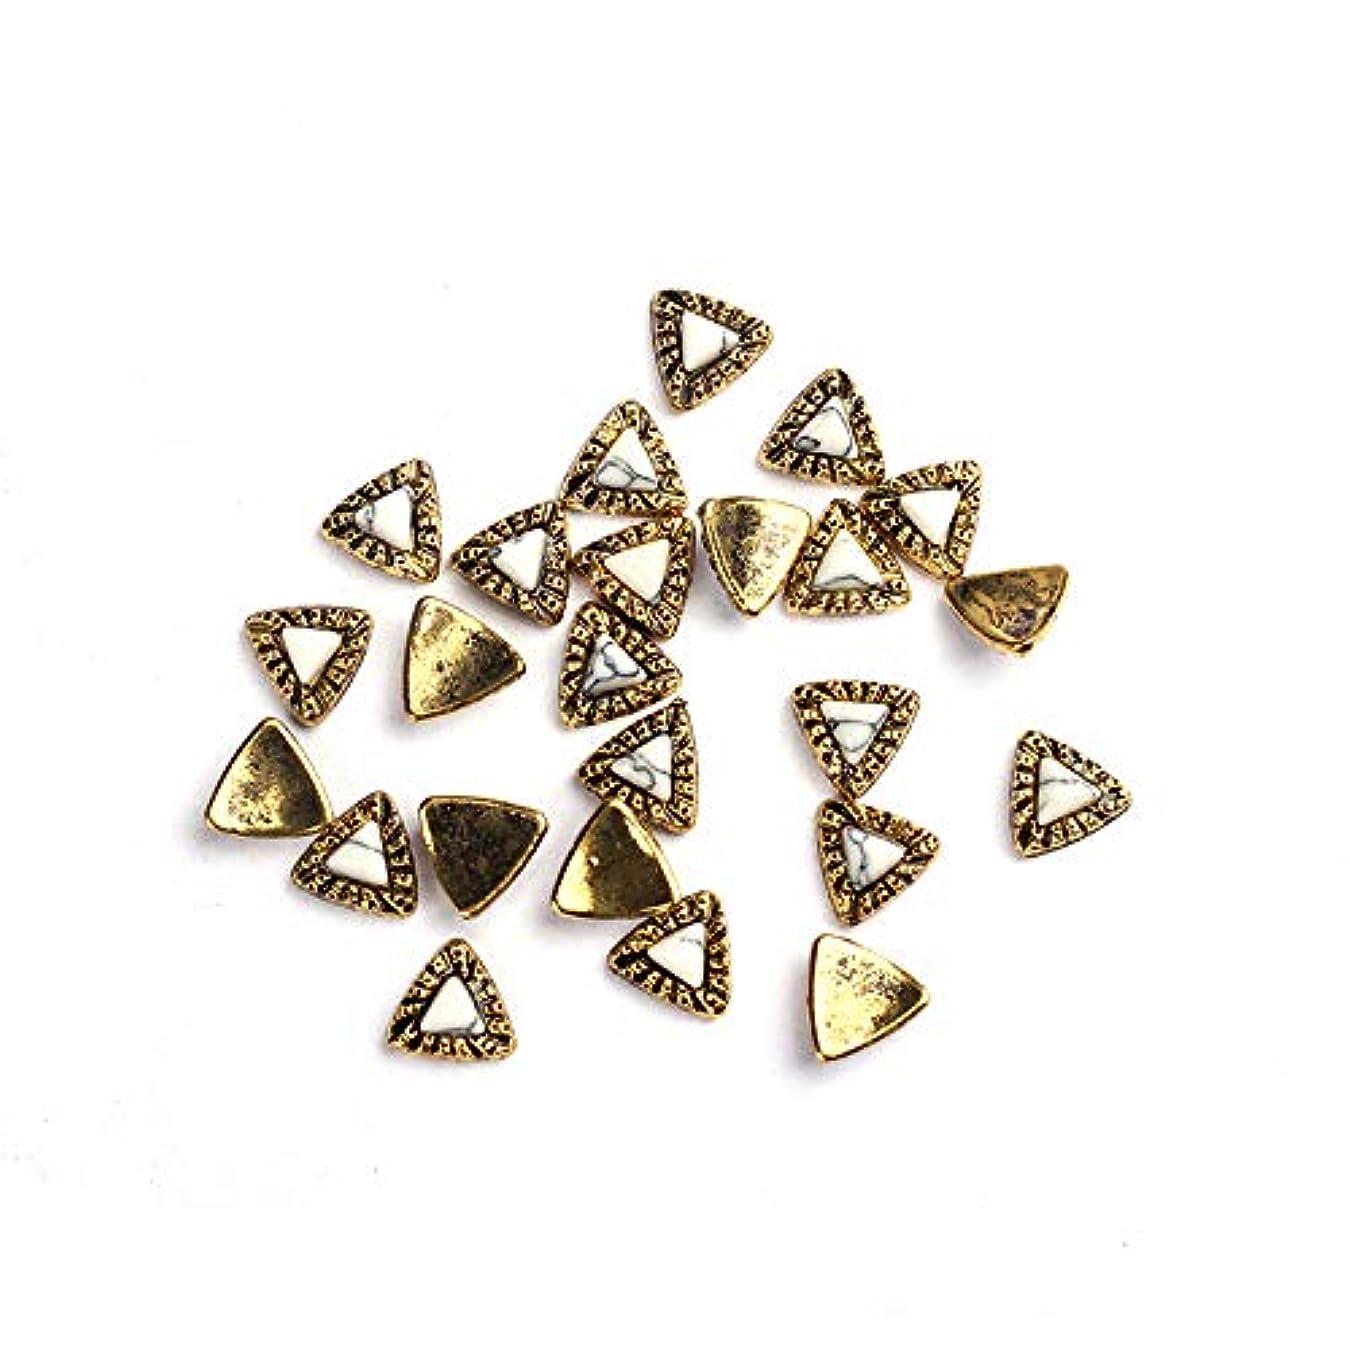 反逆者ゴールドとげのある20枚/ロットDIY UVチャームジュエリーアクセサリーについてはゴールデン亜鉛合金の金属小さな三角形UVジェルアート装飾セットビーズ